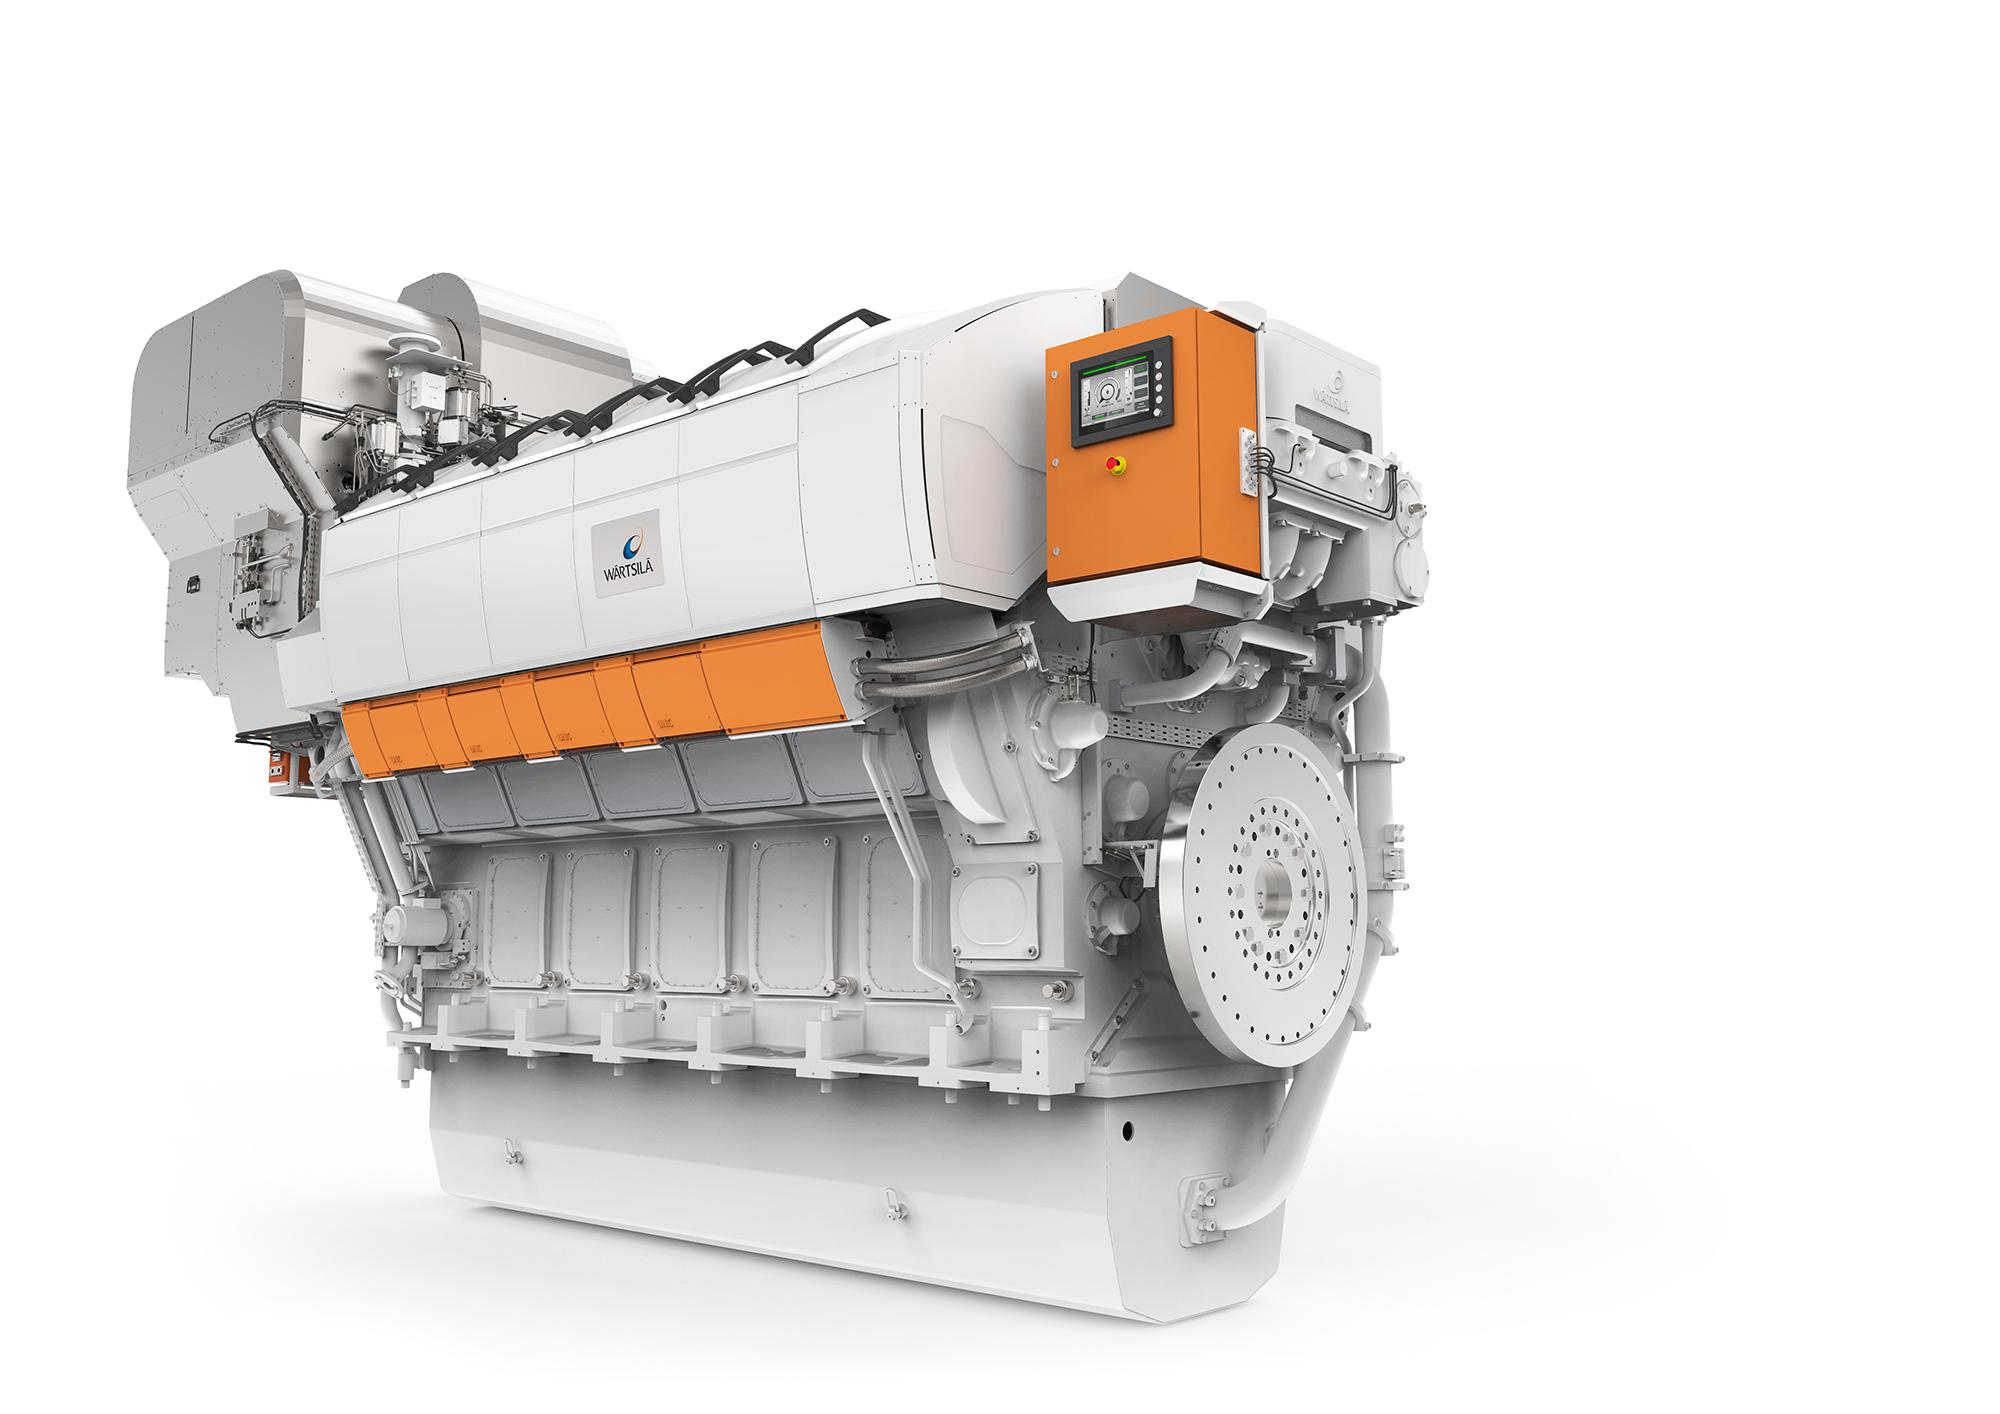 Wärtsilä 31 the most efficient engine in the world